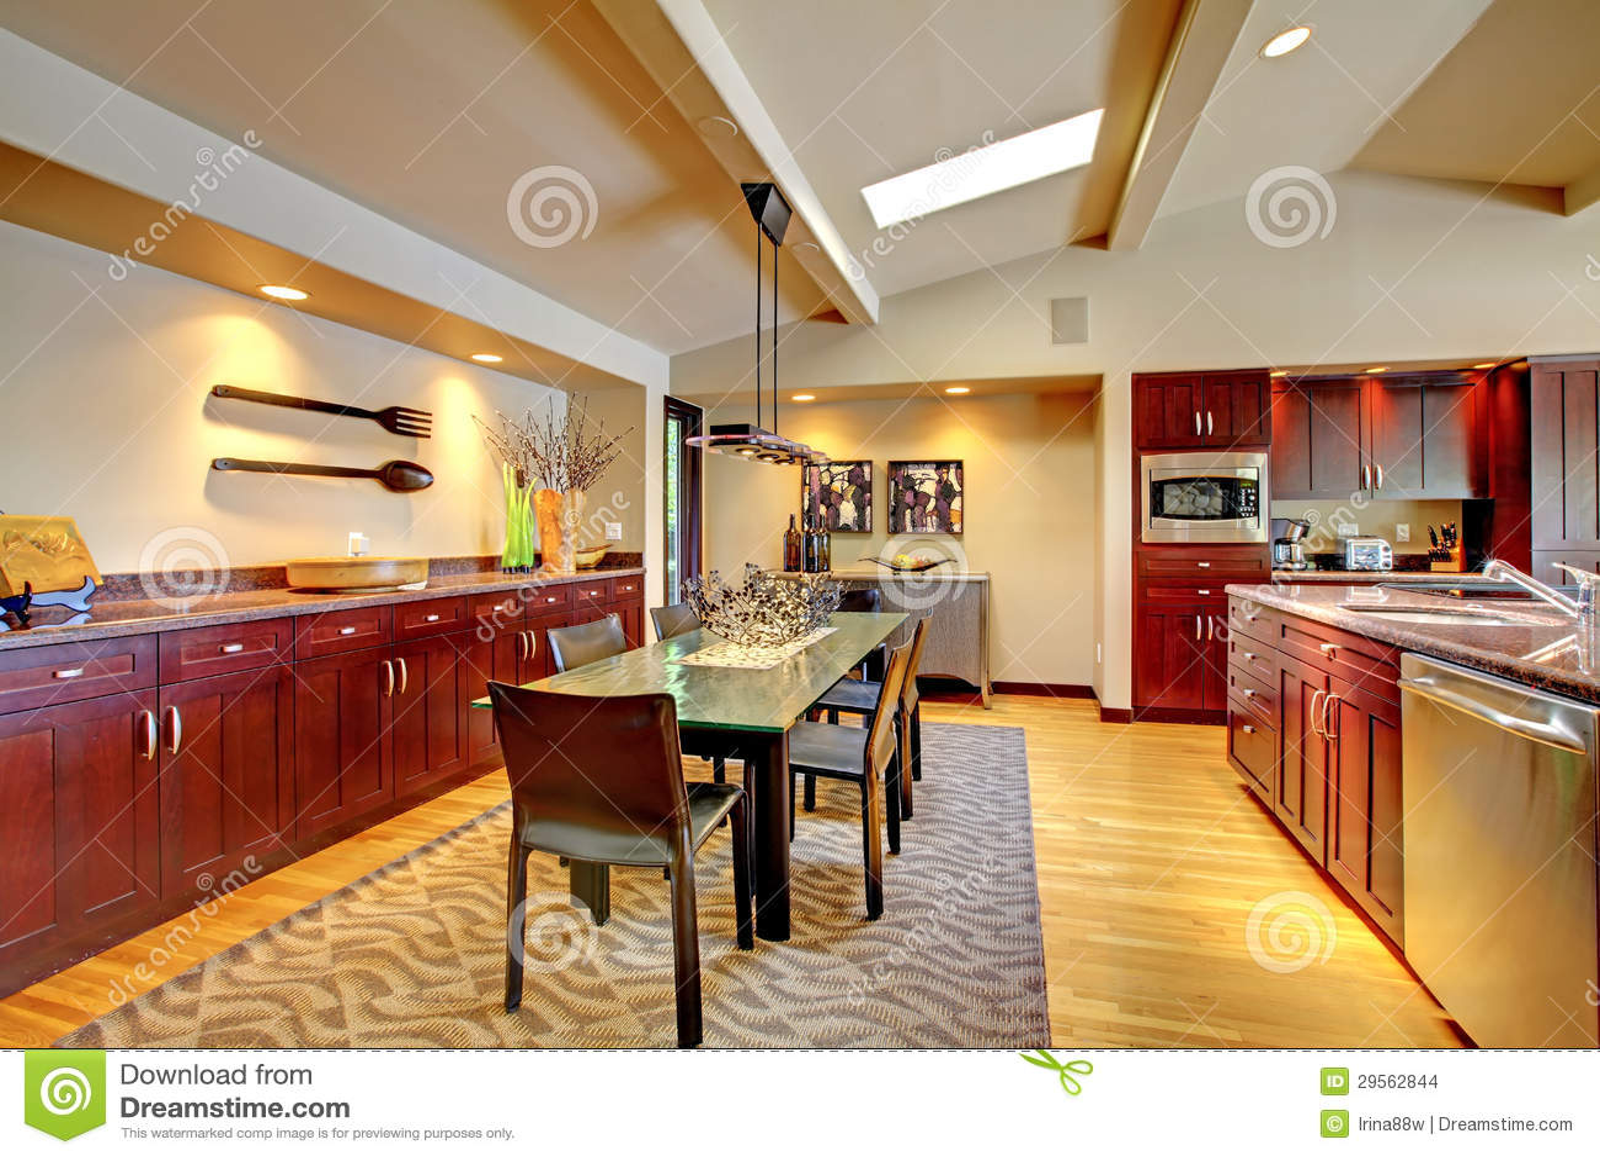 salle manger moderne de luxe avec la cuisine d 39 acajou photo stock image du cr ateur beige. Black Bedroom Furniture Sets. Home Design Ideas